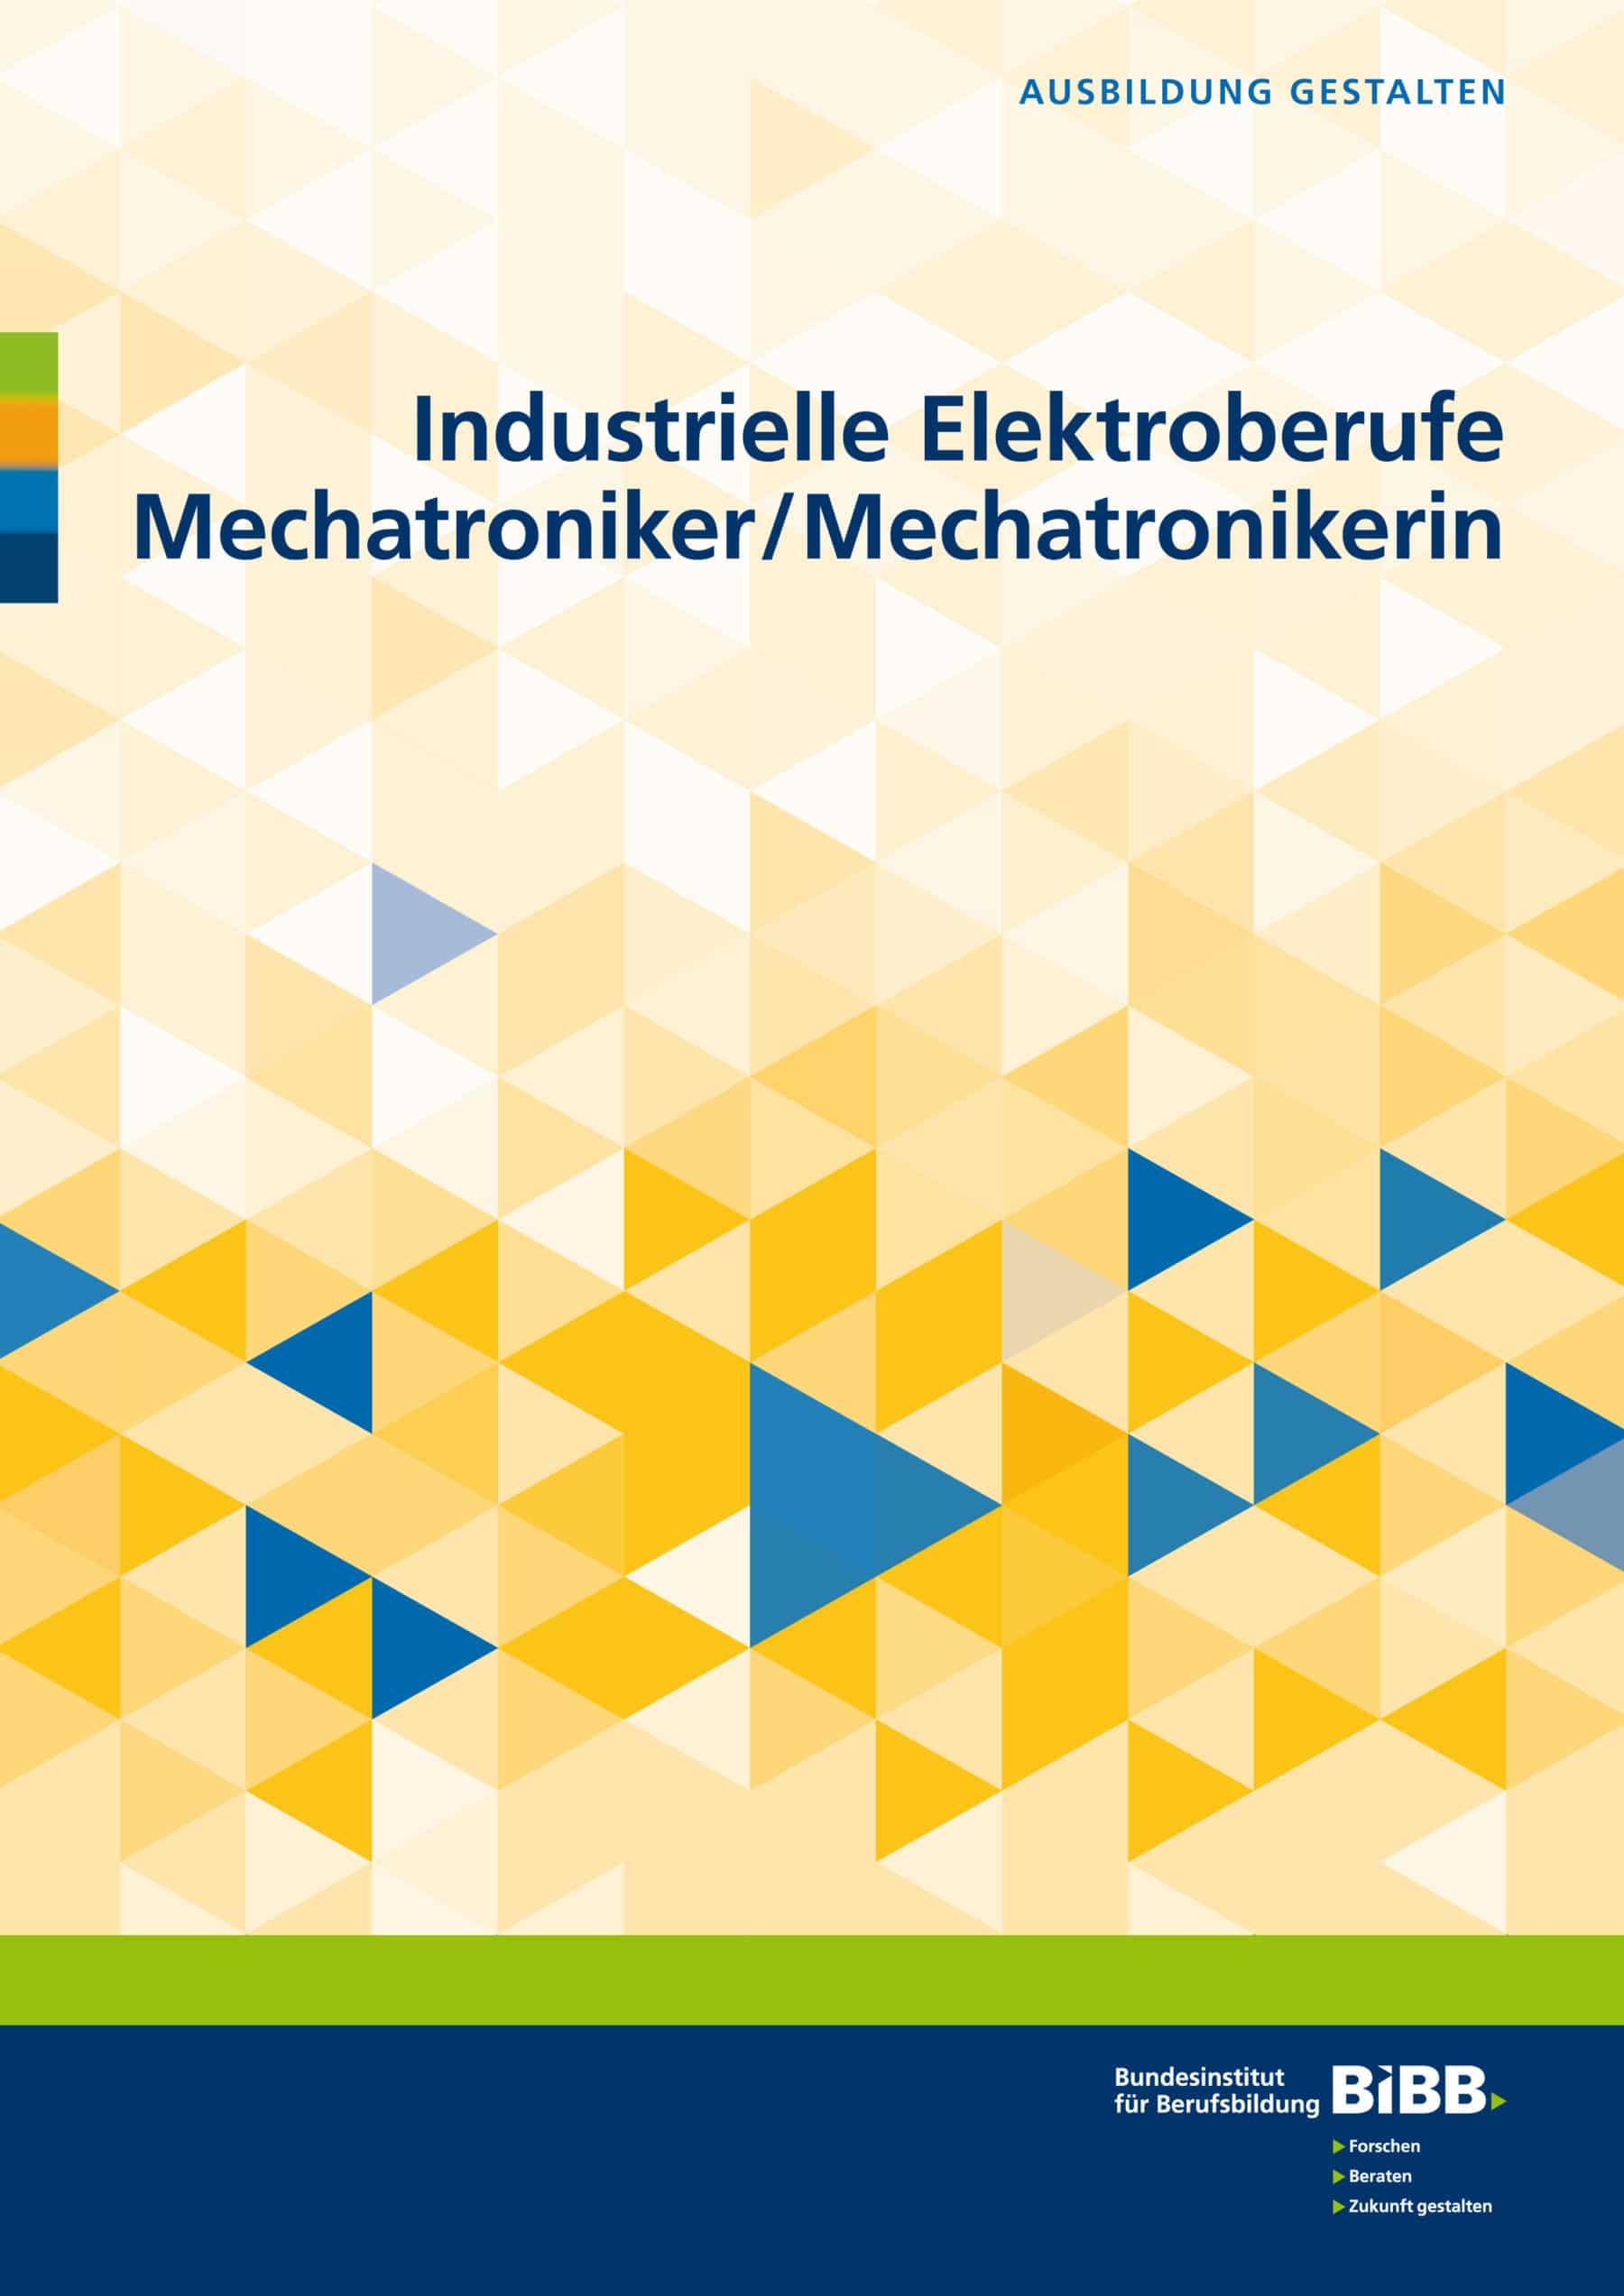 Industrielle Elektroberufe/Mechatroniker und Mechatronikerin